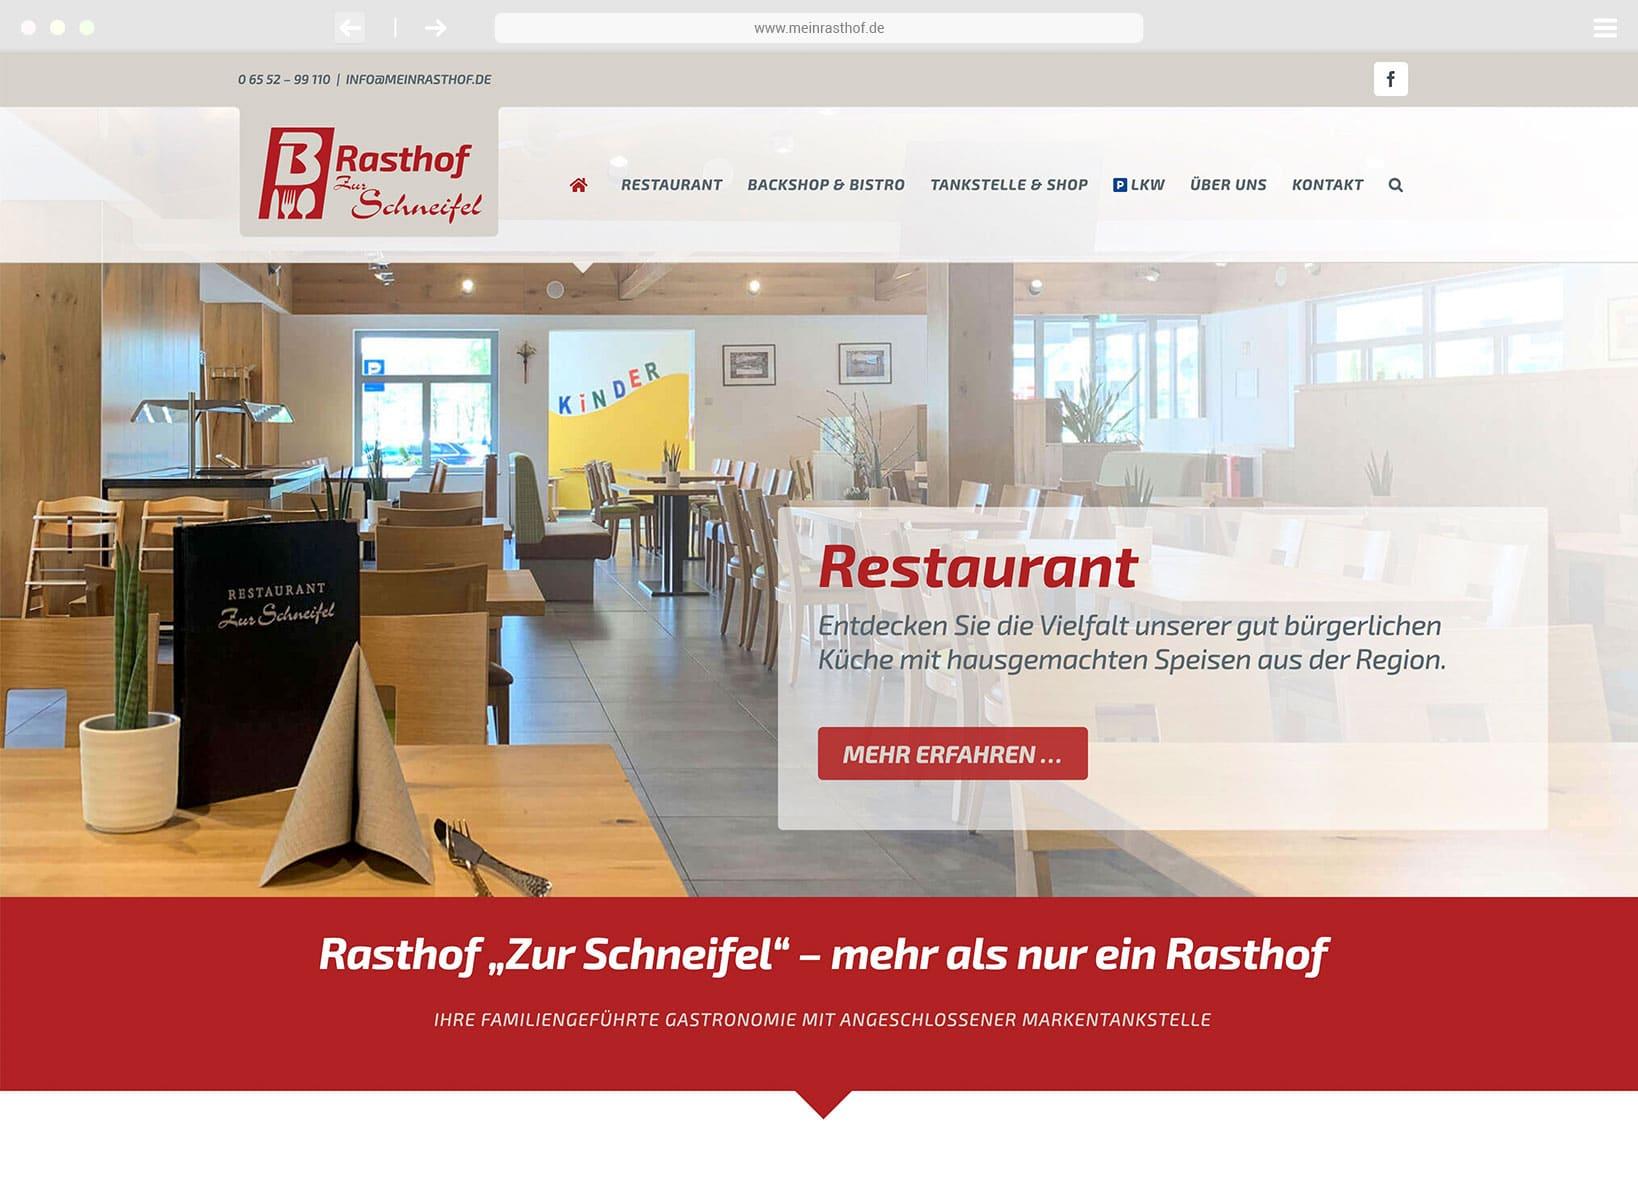 www.meinrasthof.de